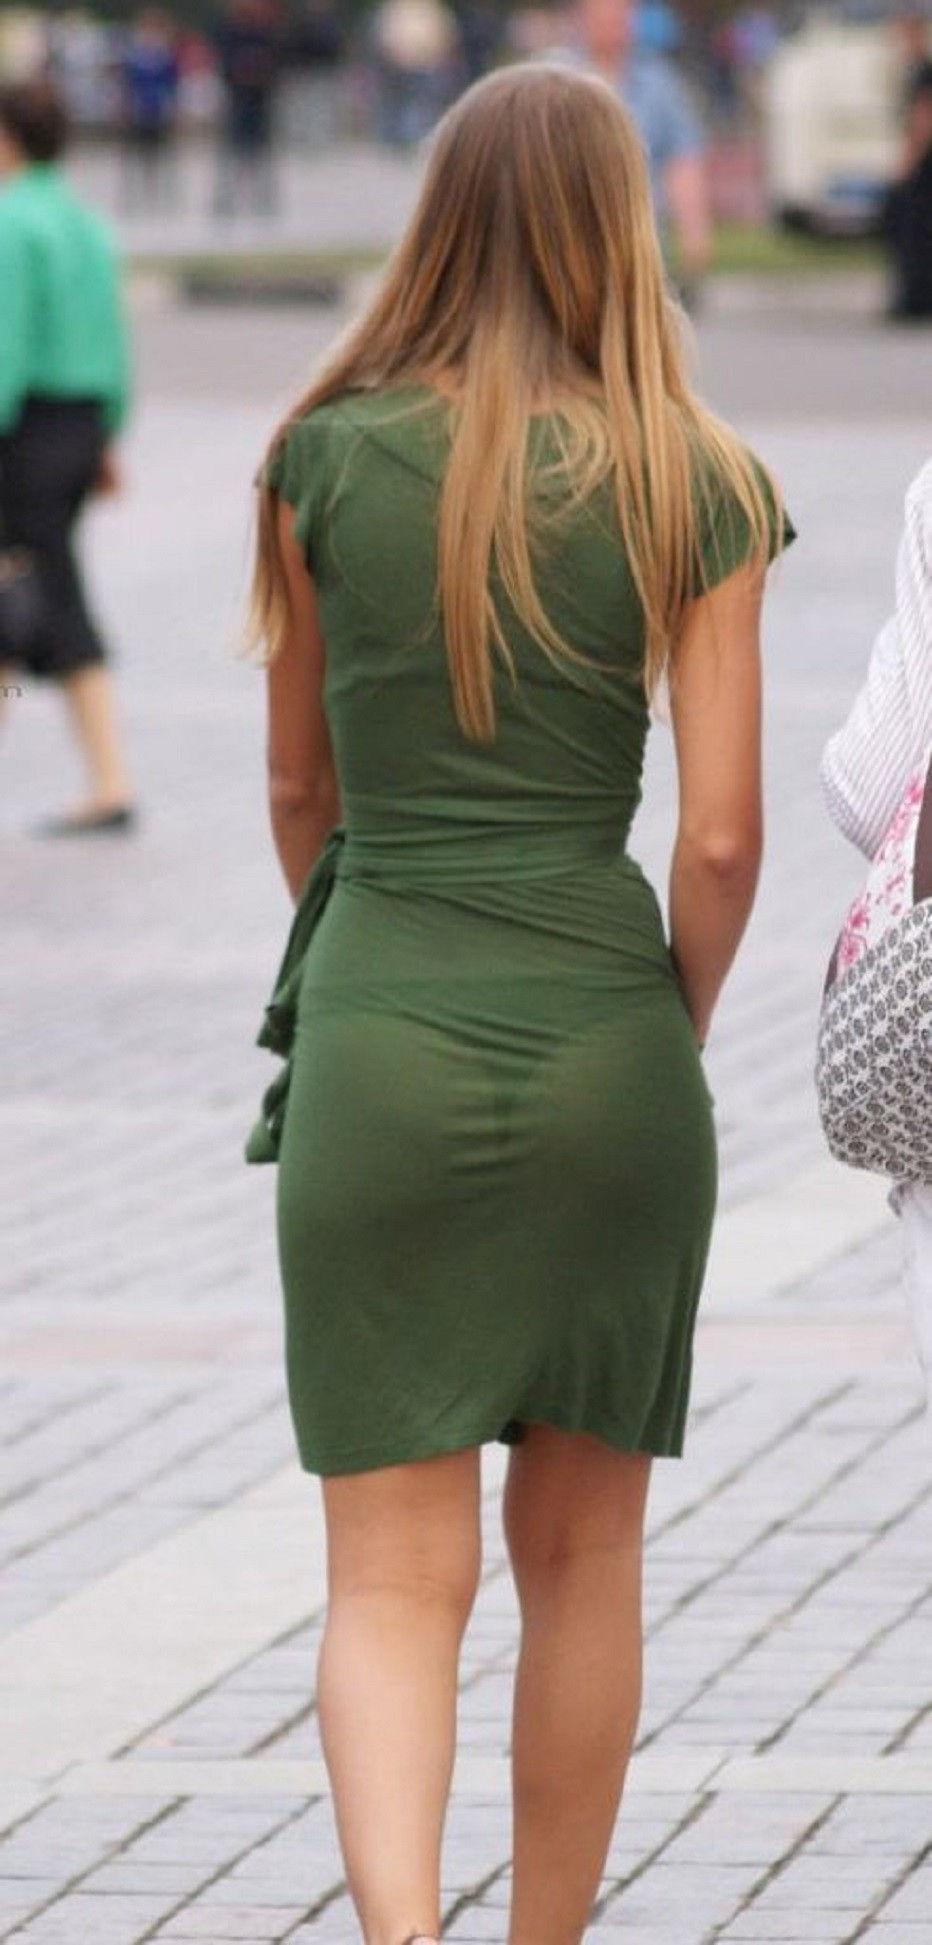 夏になると街中で見かける透けファッション、さすがに過激すぎるwwwww(画像あり)・35枚目